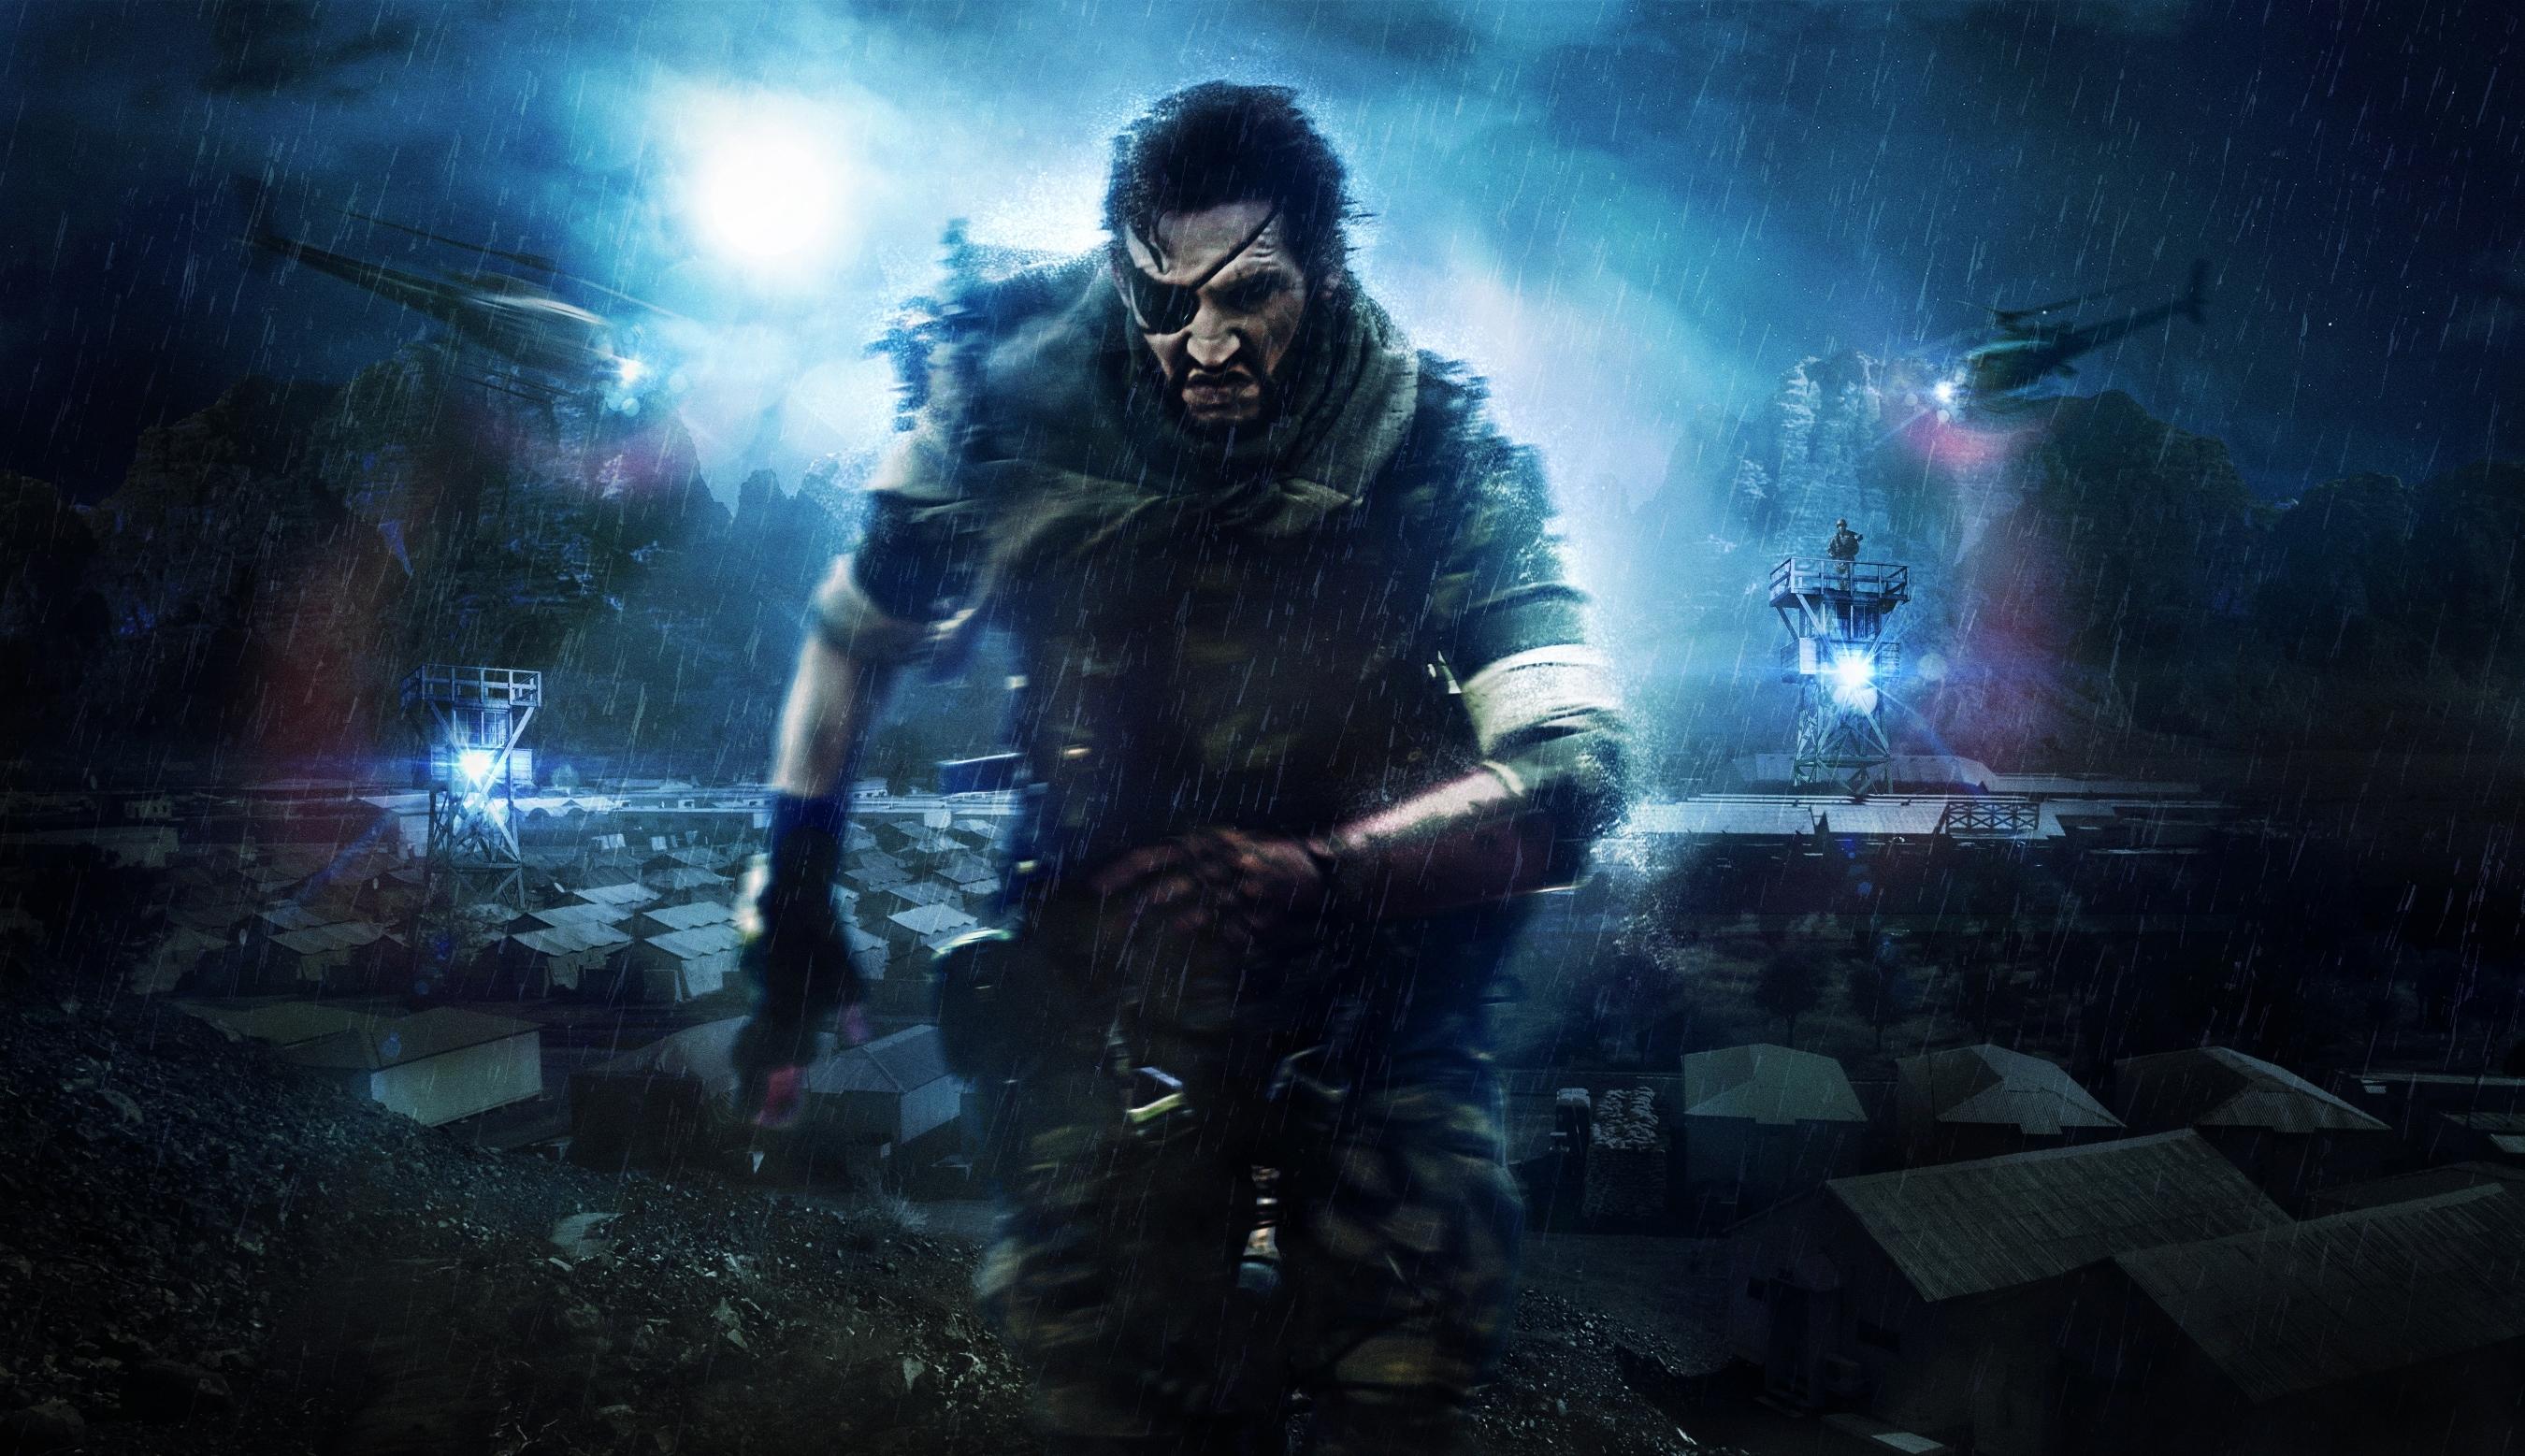 Metal Gear Solid 2 Wallpaper: WallpaperSafari